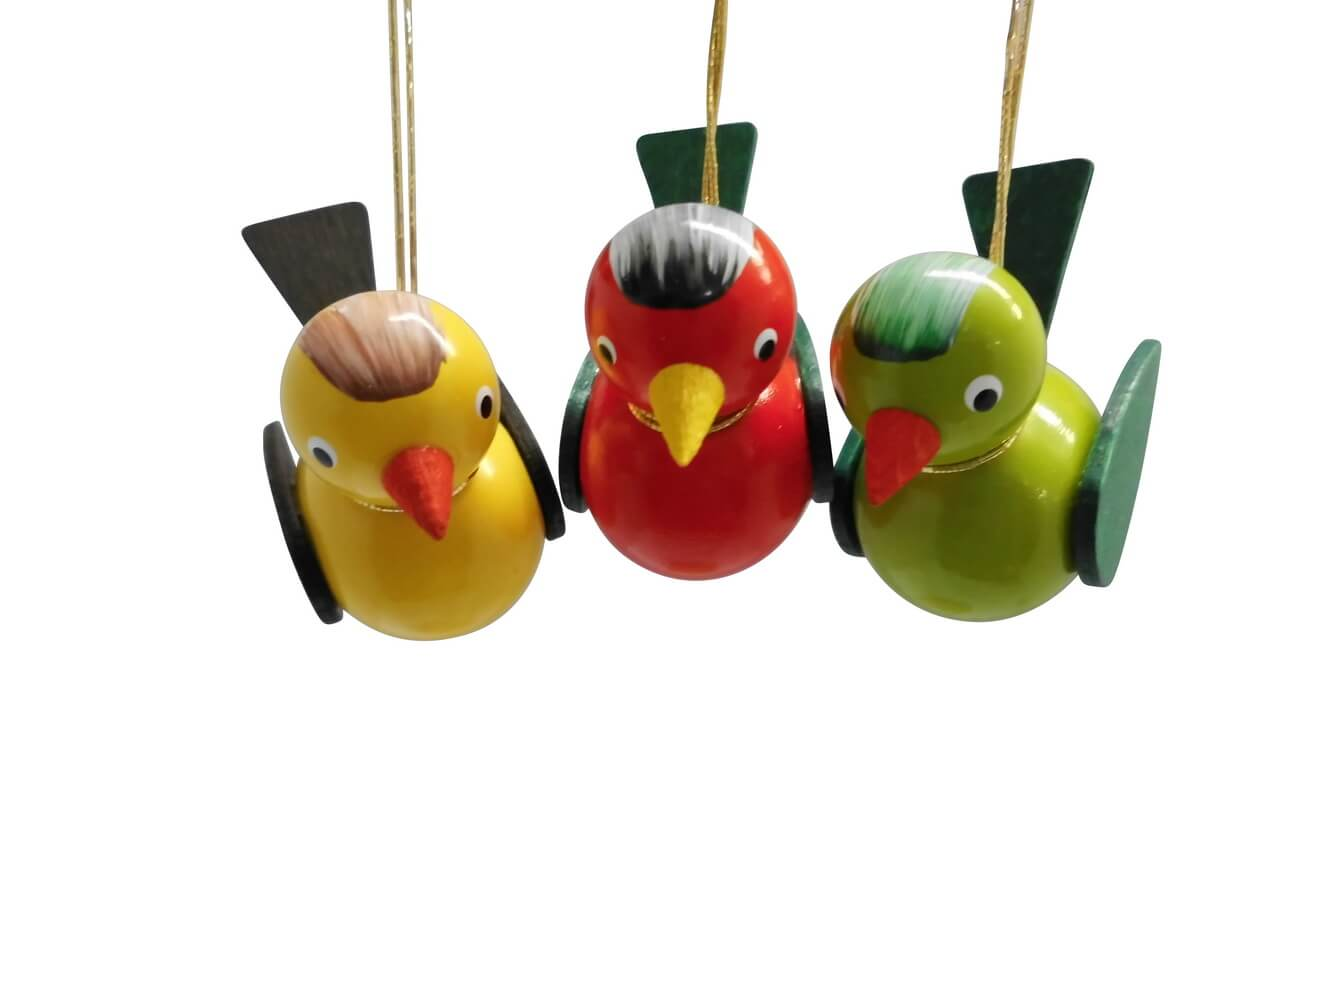 Vögel zum hängen, 3 Stück, farbig, 5 x 4 cm,rot/gelb/grün von Nestler-Seiffen.com OHG Seiffen/ Erzgebirge